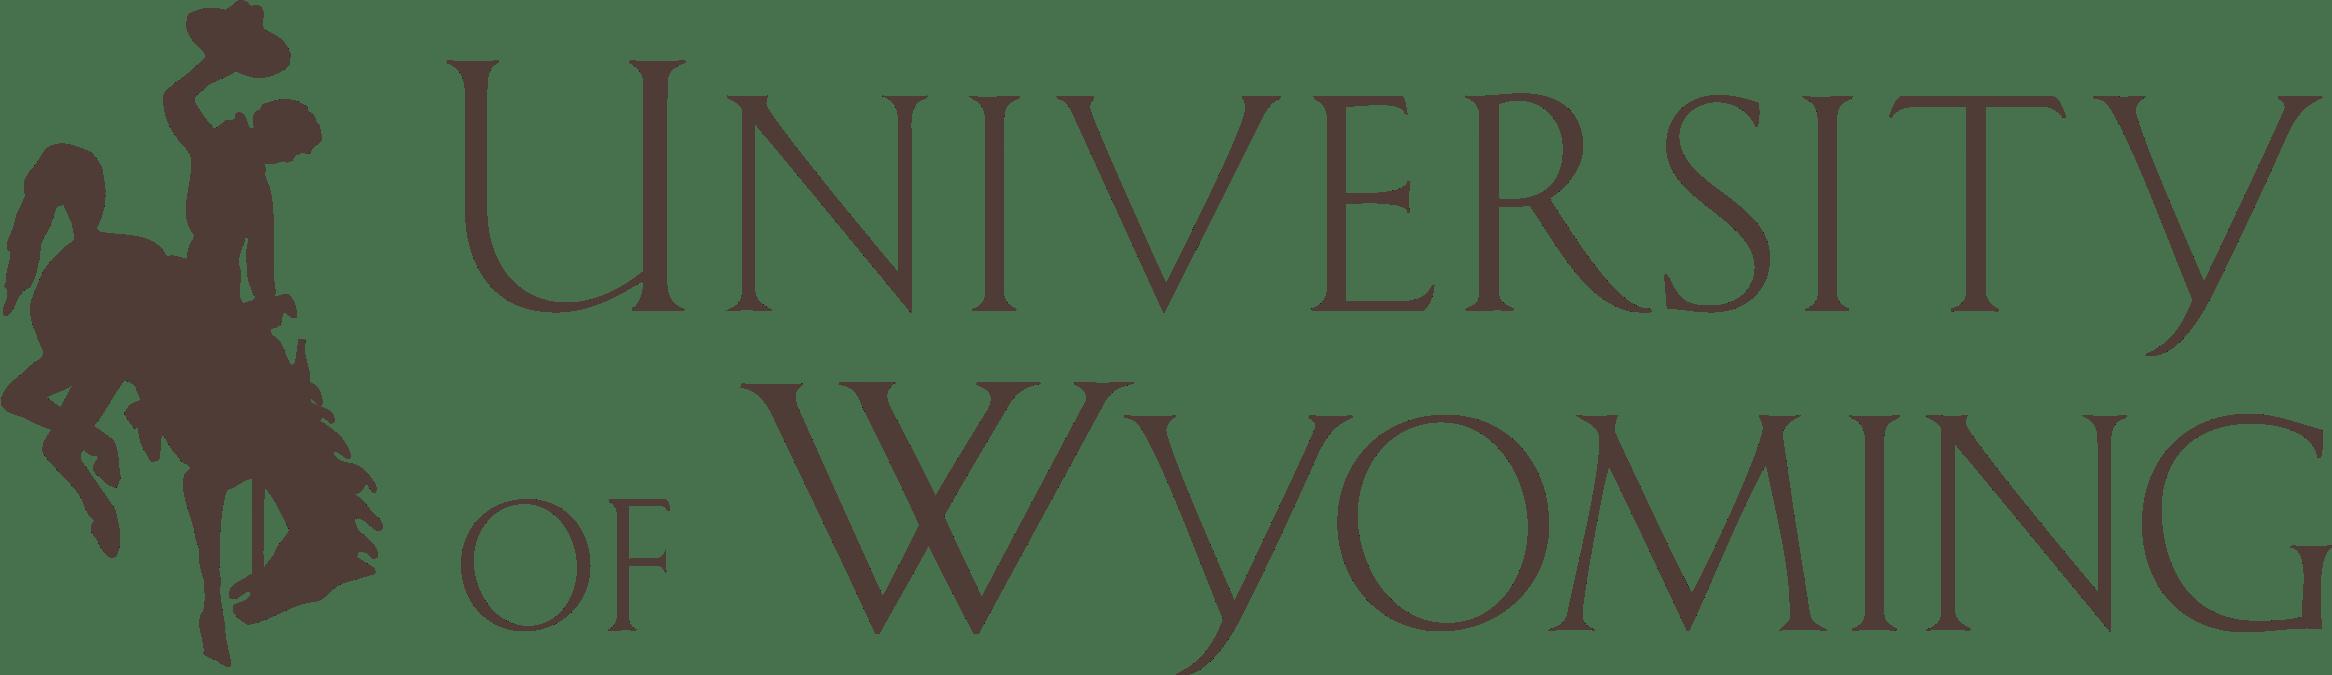 university-of-wyoming-logo.png